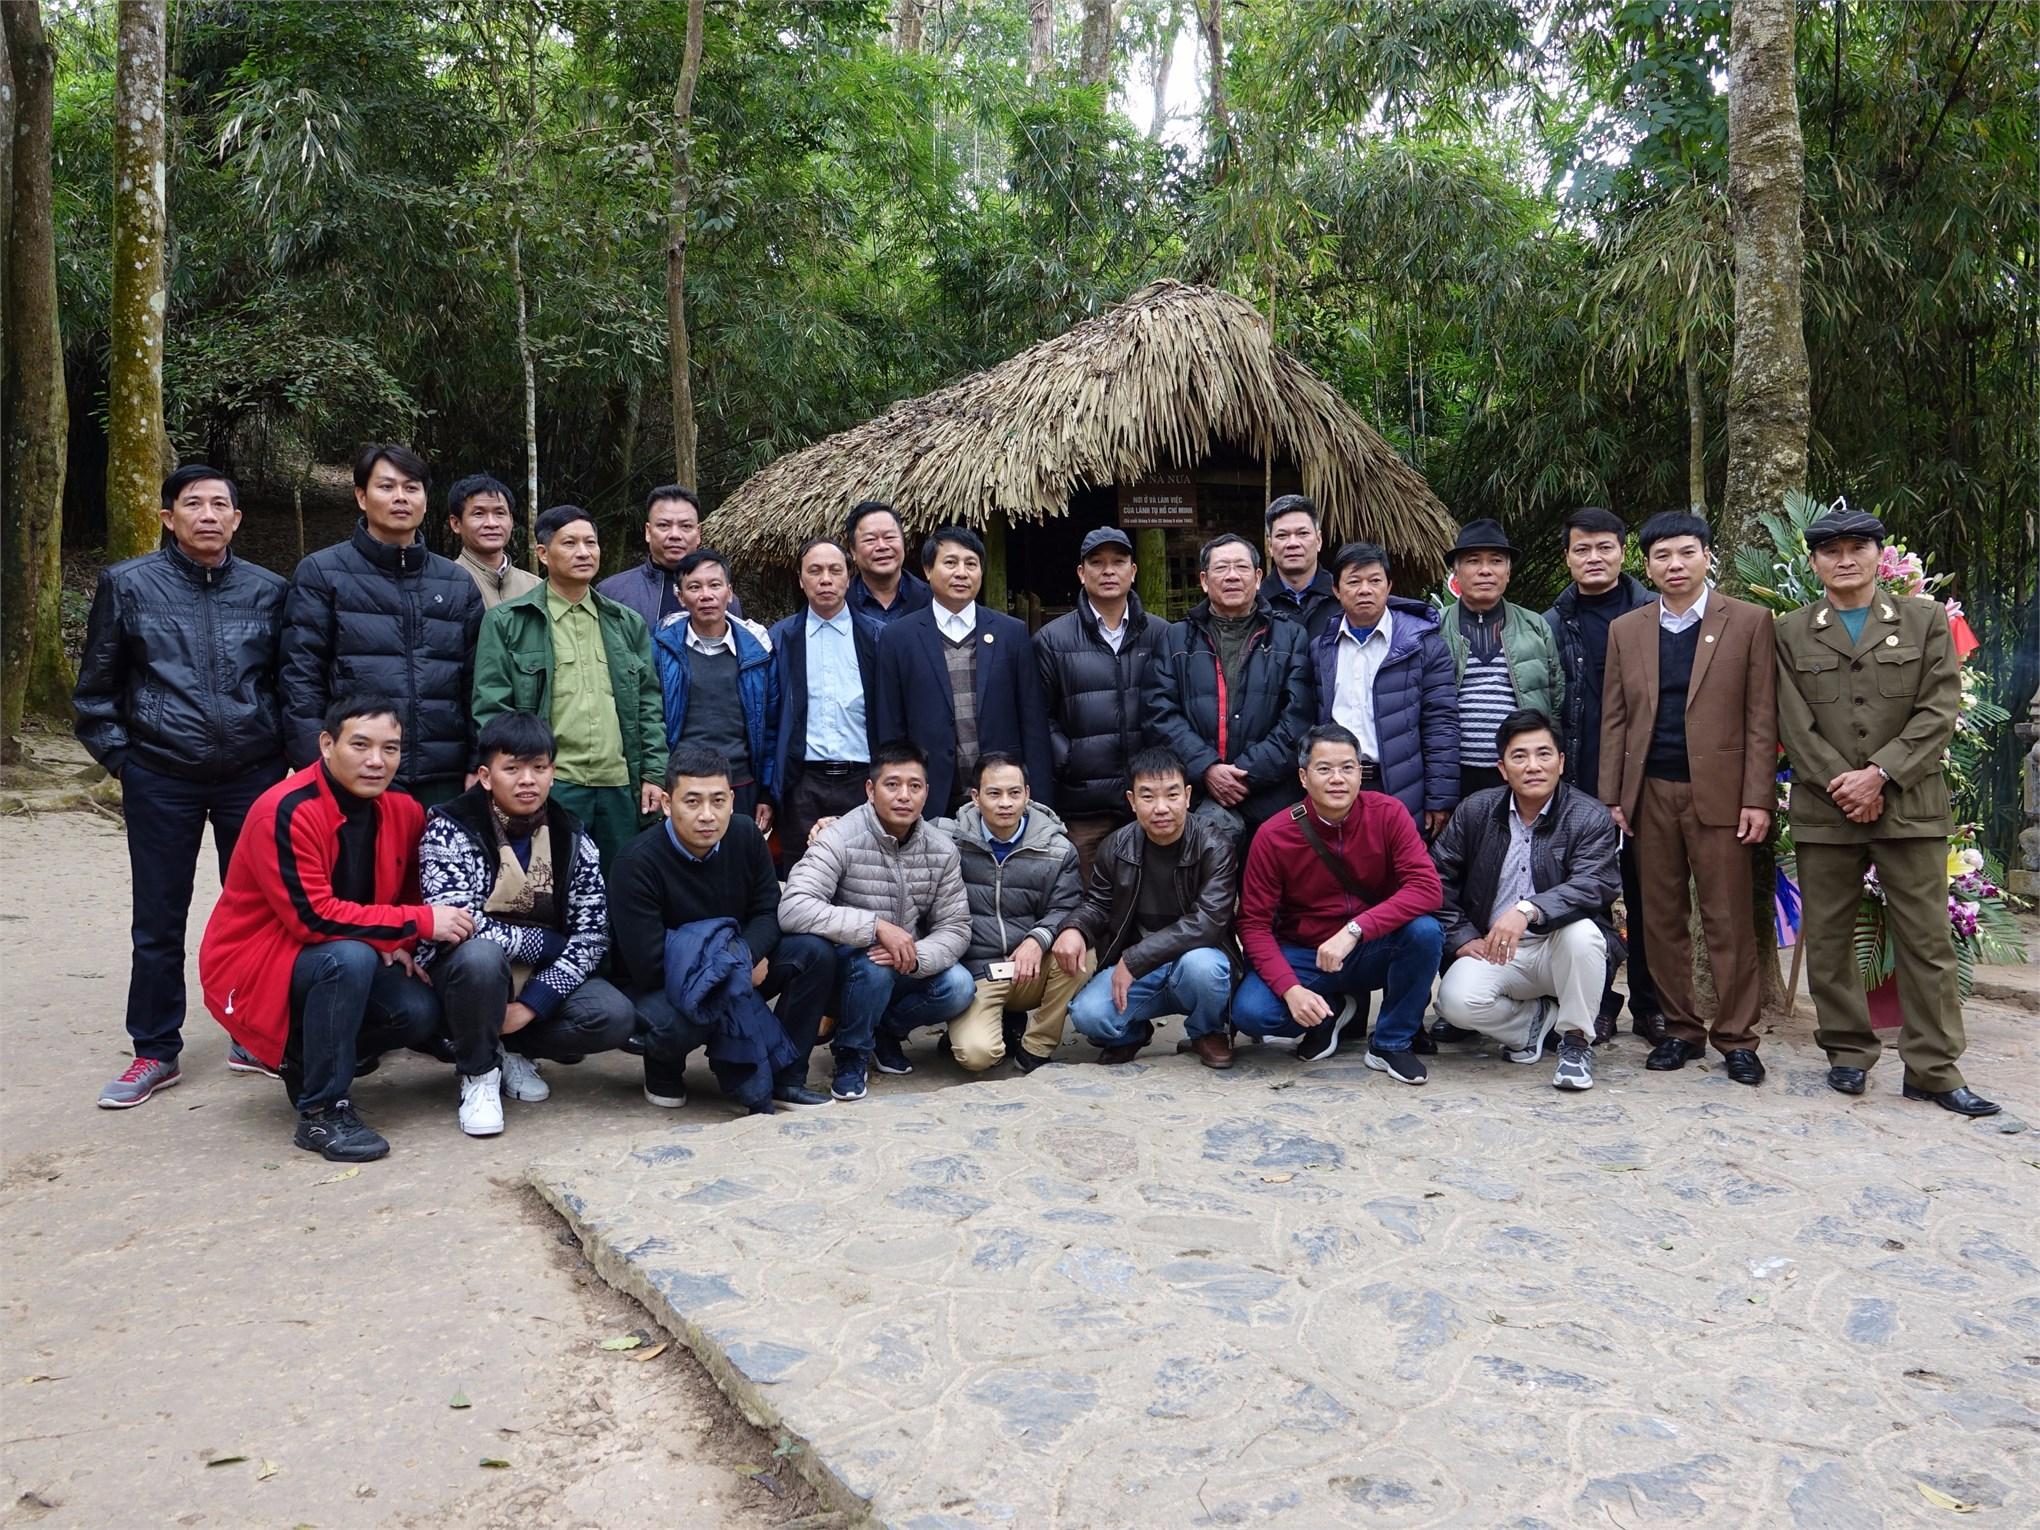 CCB-CQN khoa Điện dự hoạt động truyền thống kỷ niệm 75 năm ngày thành lập QĐND Việt Nam do Hội Cựu chiến binh nhà trường tổ chức